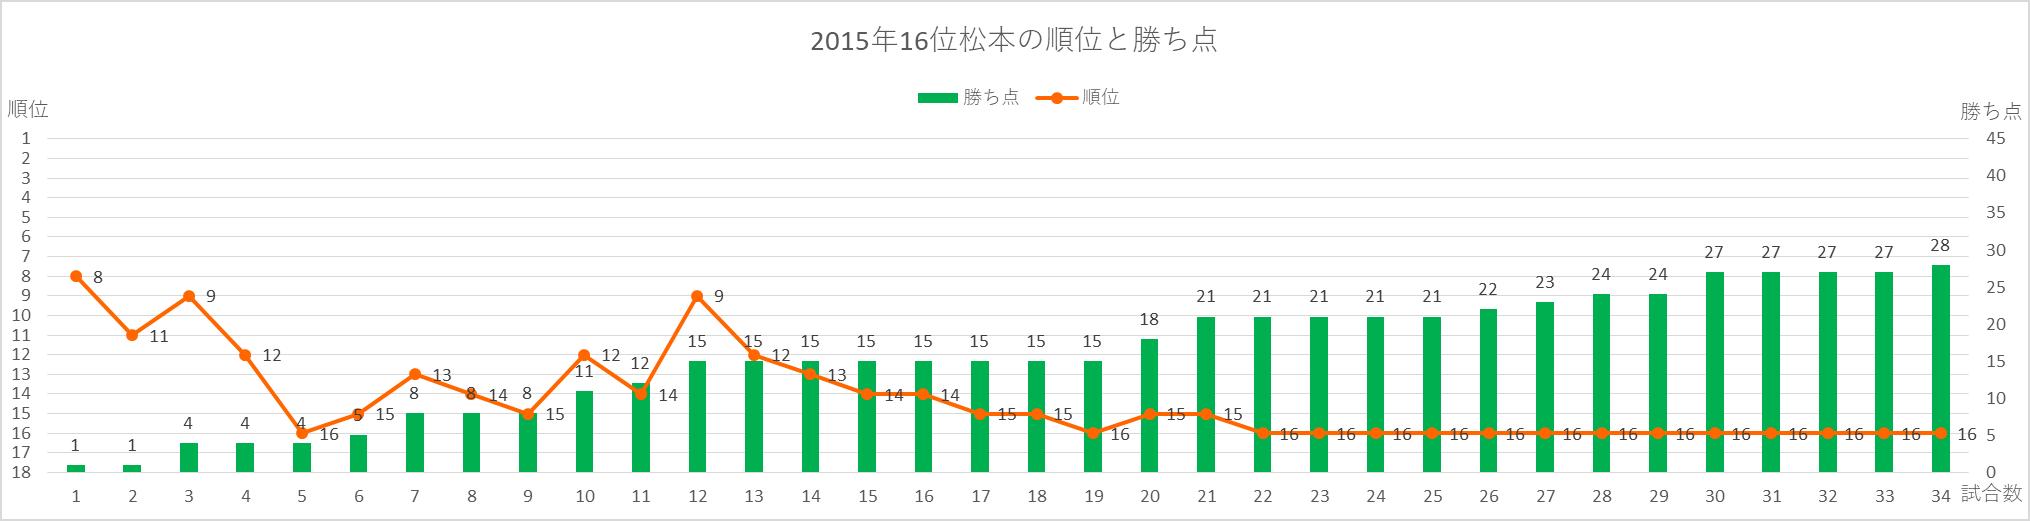 2015年松本の順位と勝ち点の推移